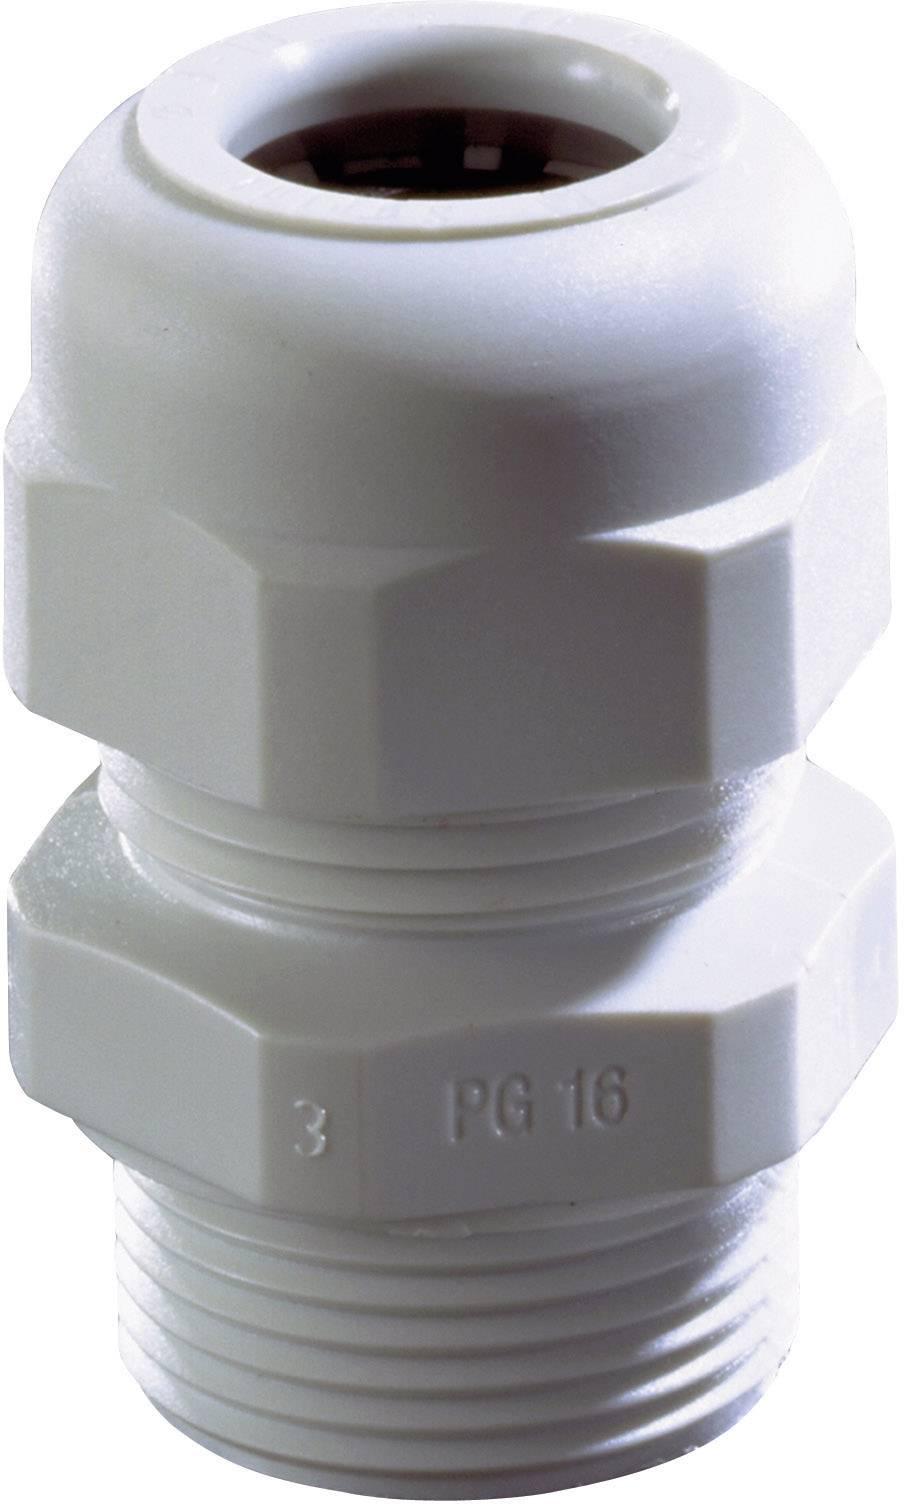 Káblová priechodka Wiska SKV PG 16 RAL 7035, polyamid, svetlo sivá, 1 ks